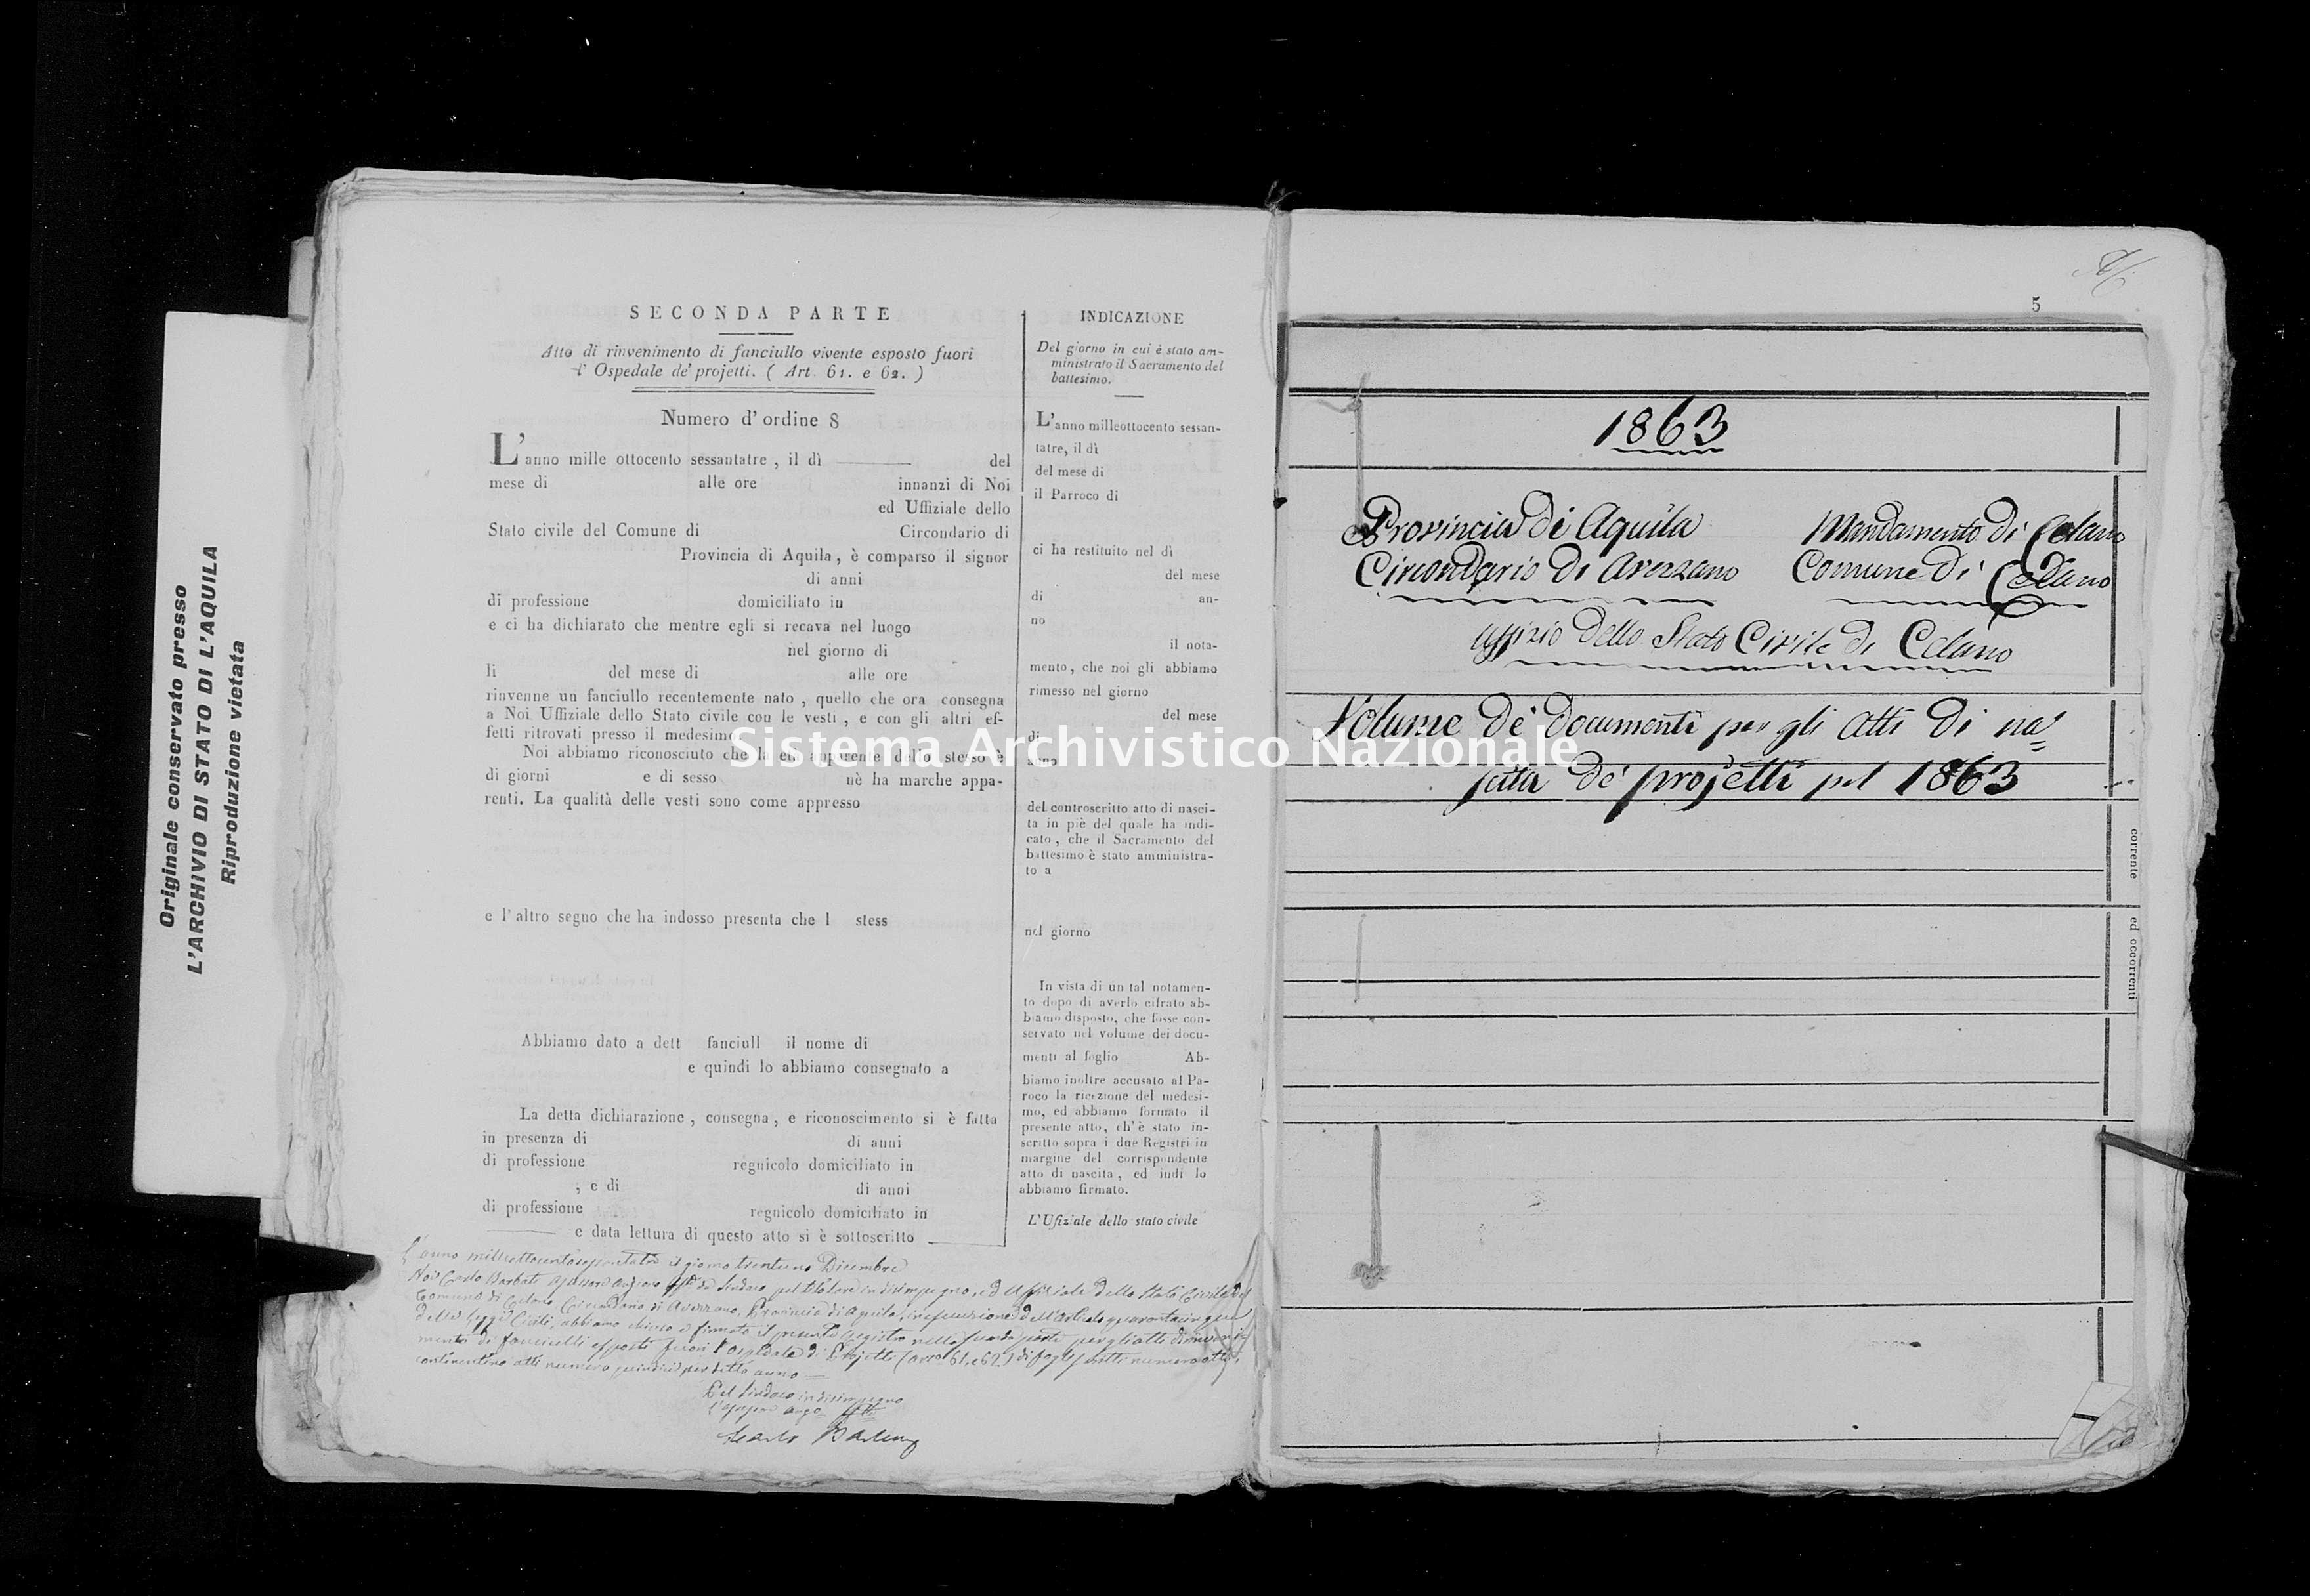 Archivio di stato di L'aquila - Stato civile italiano - Celano - Nati, battesimi esposti - 1863 - 1542 -